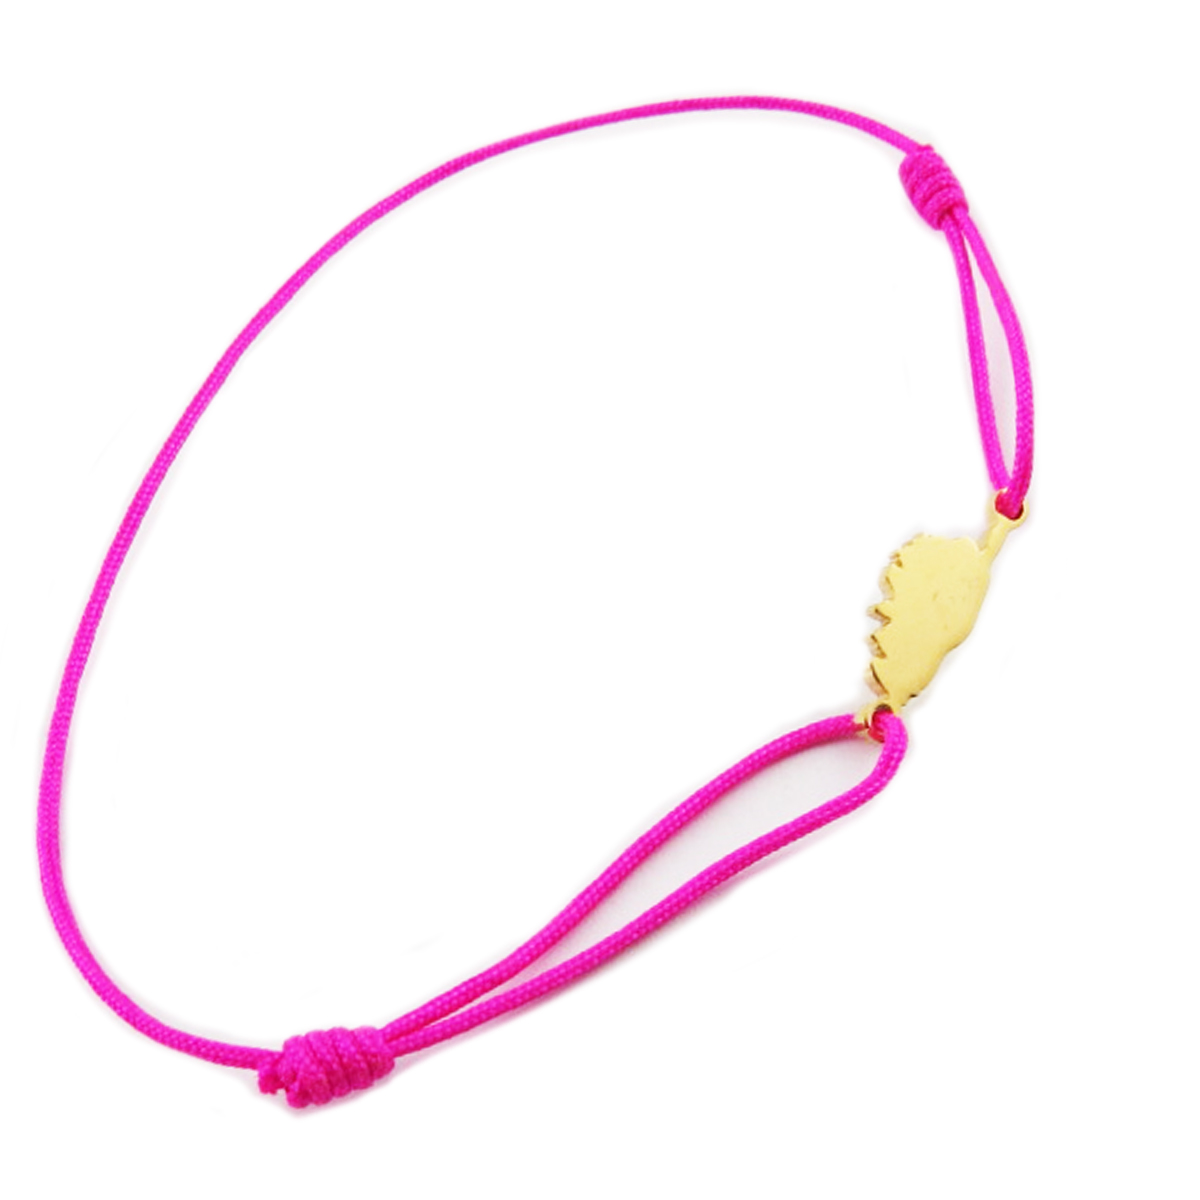 Bracelet acier \'Corsica\' rose fuschia doré (corse) - 10x7 mm - [R0165]